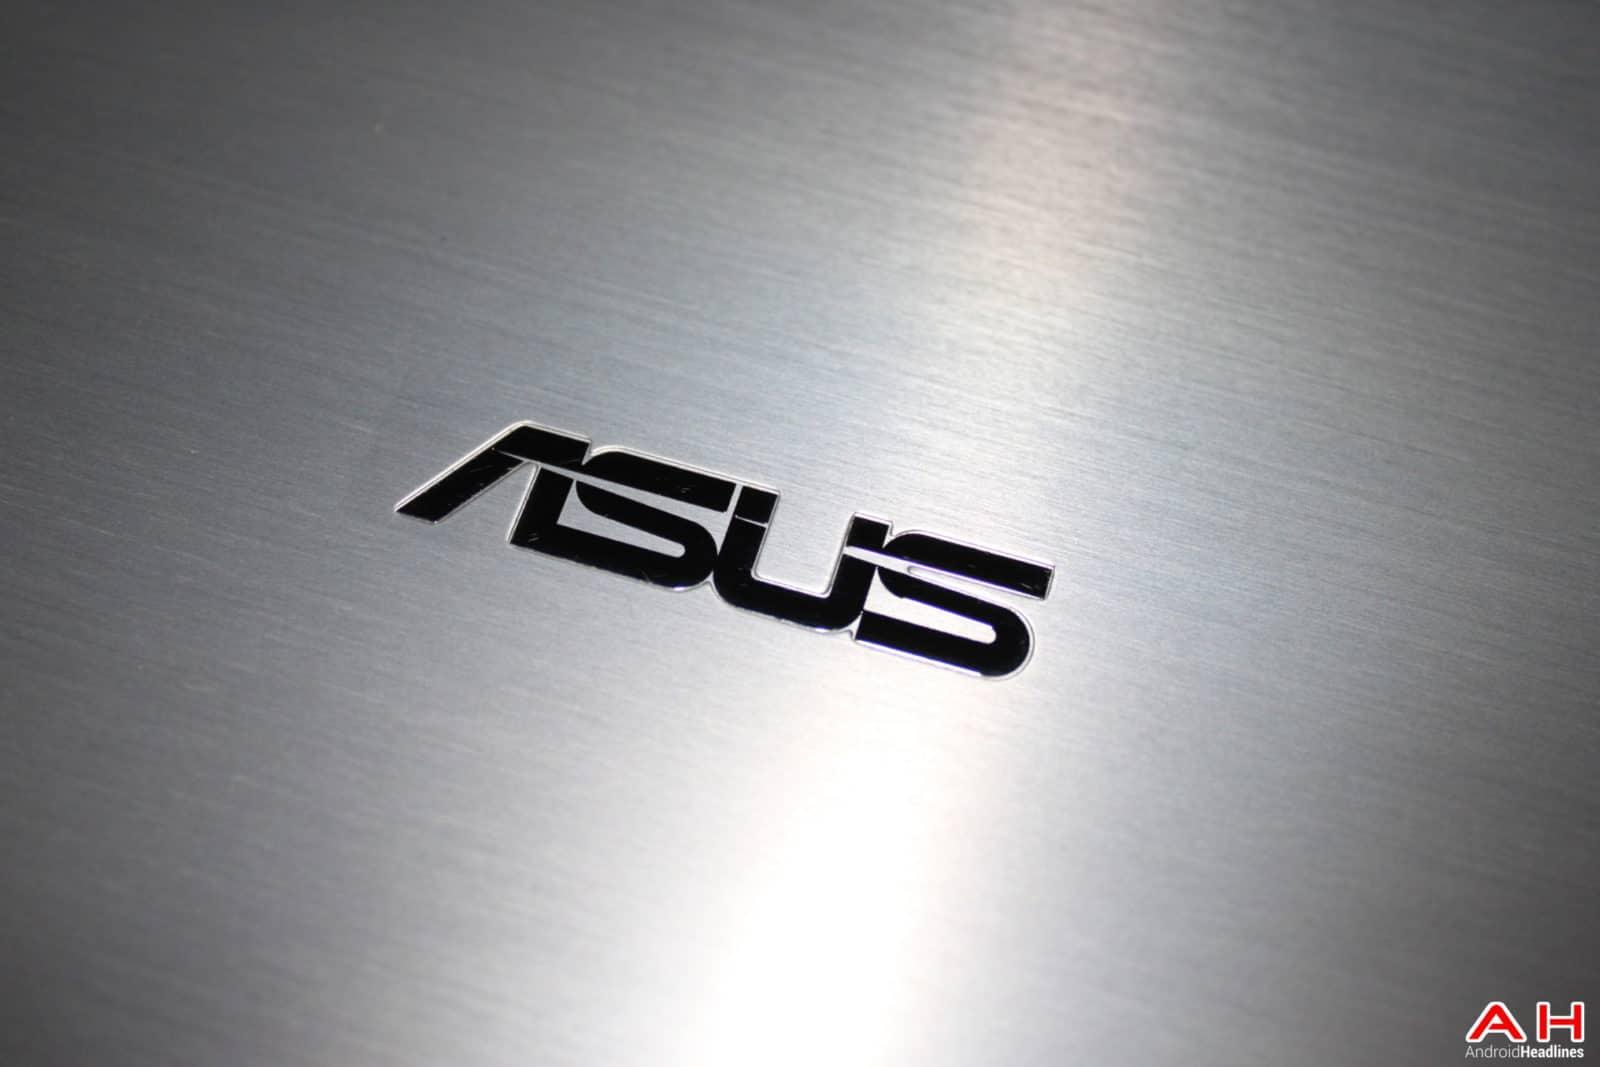 AH ASUS STEEL LOGO 2014 -3